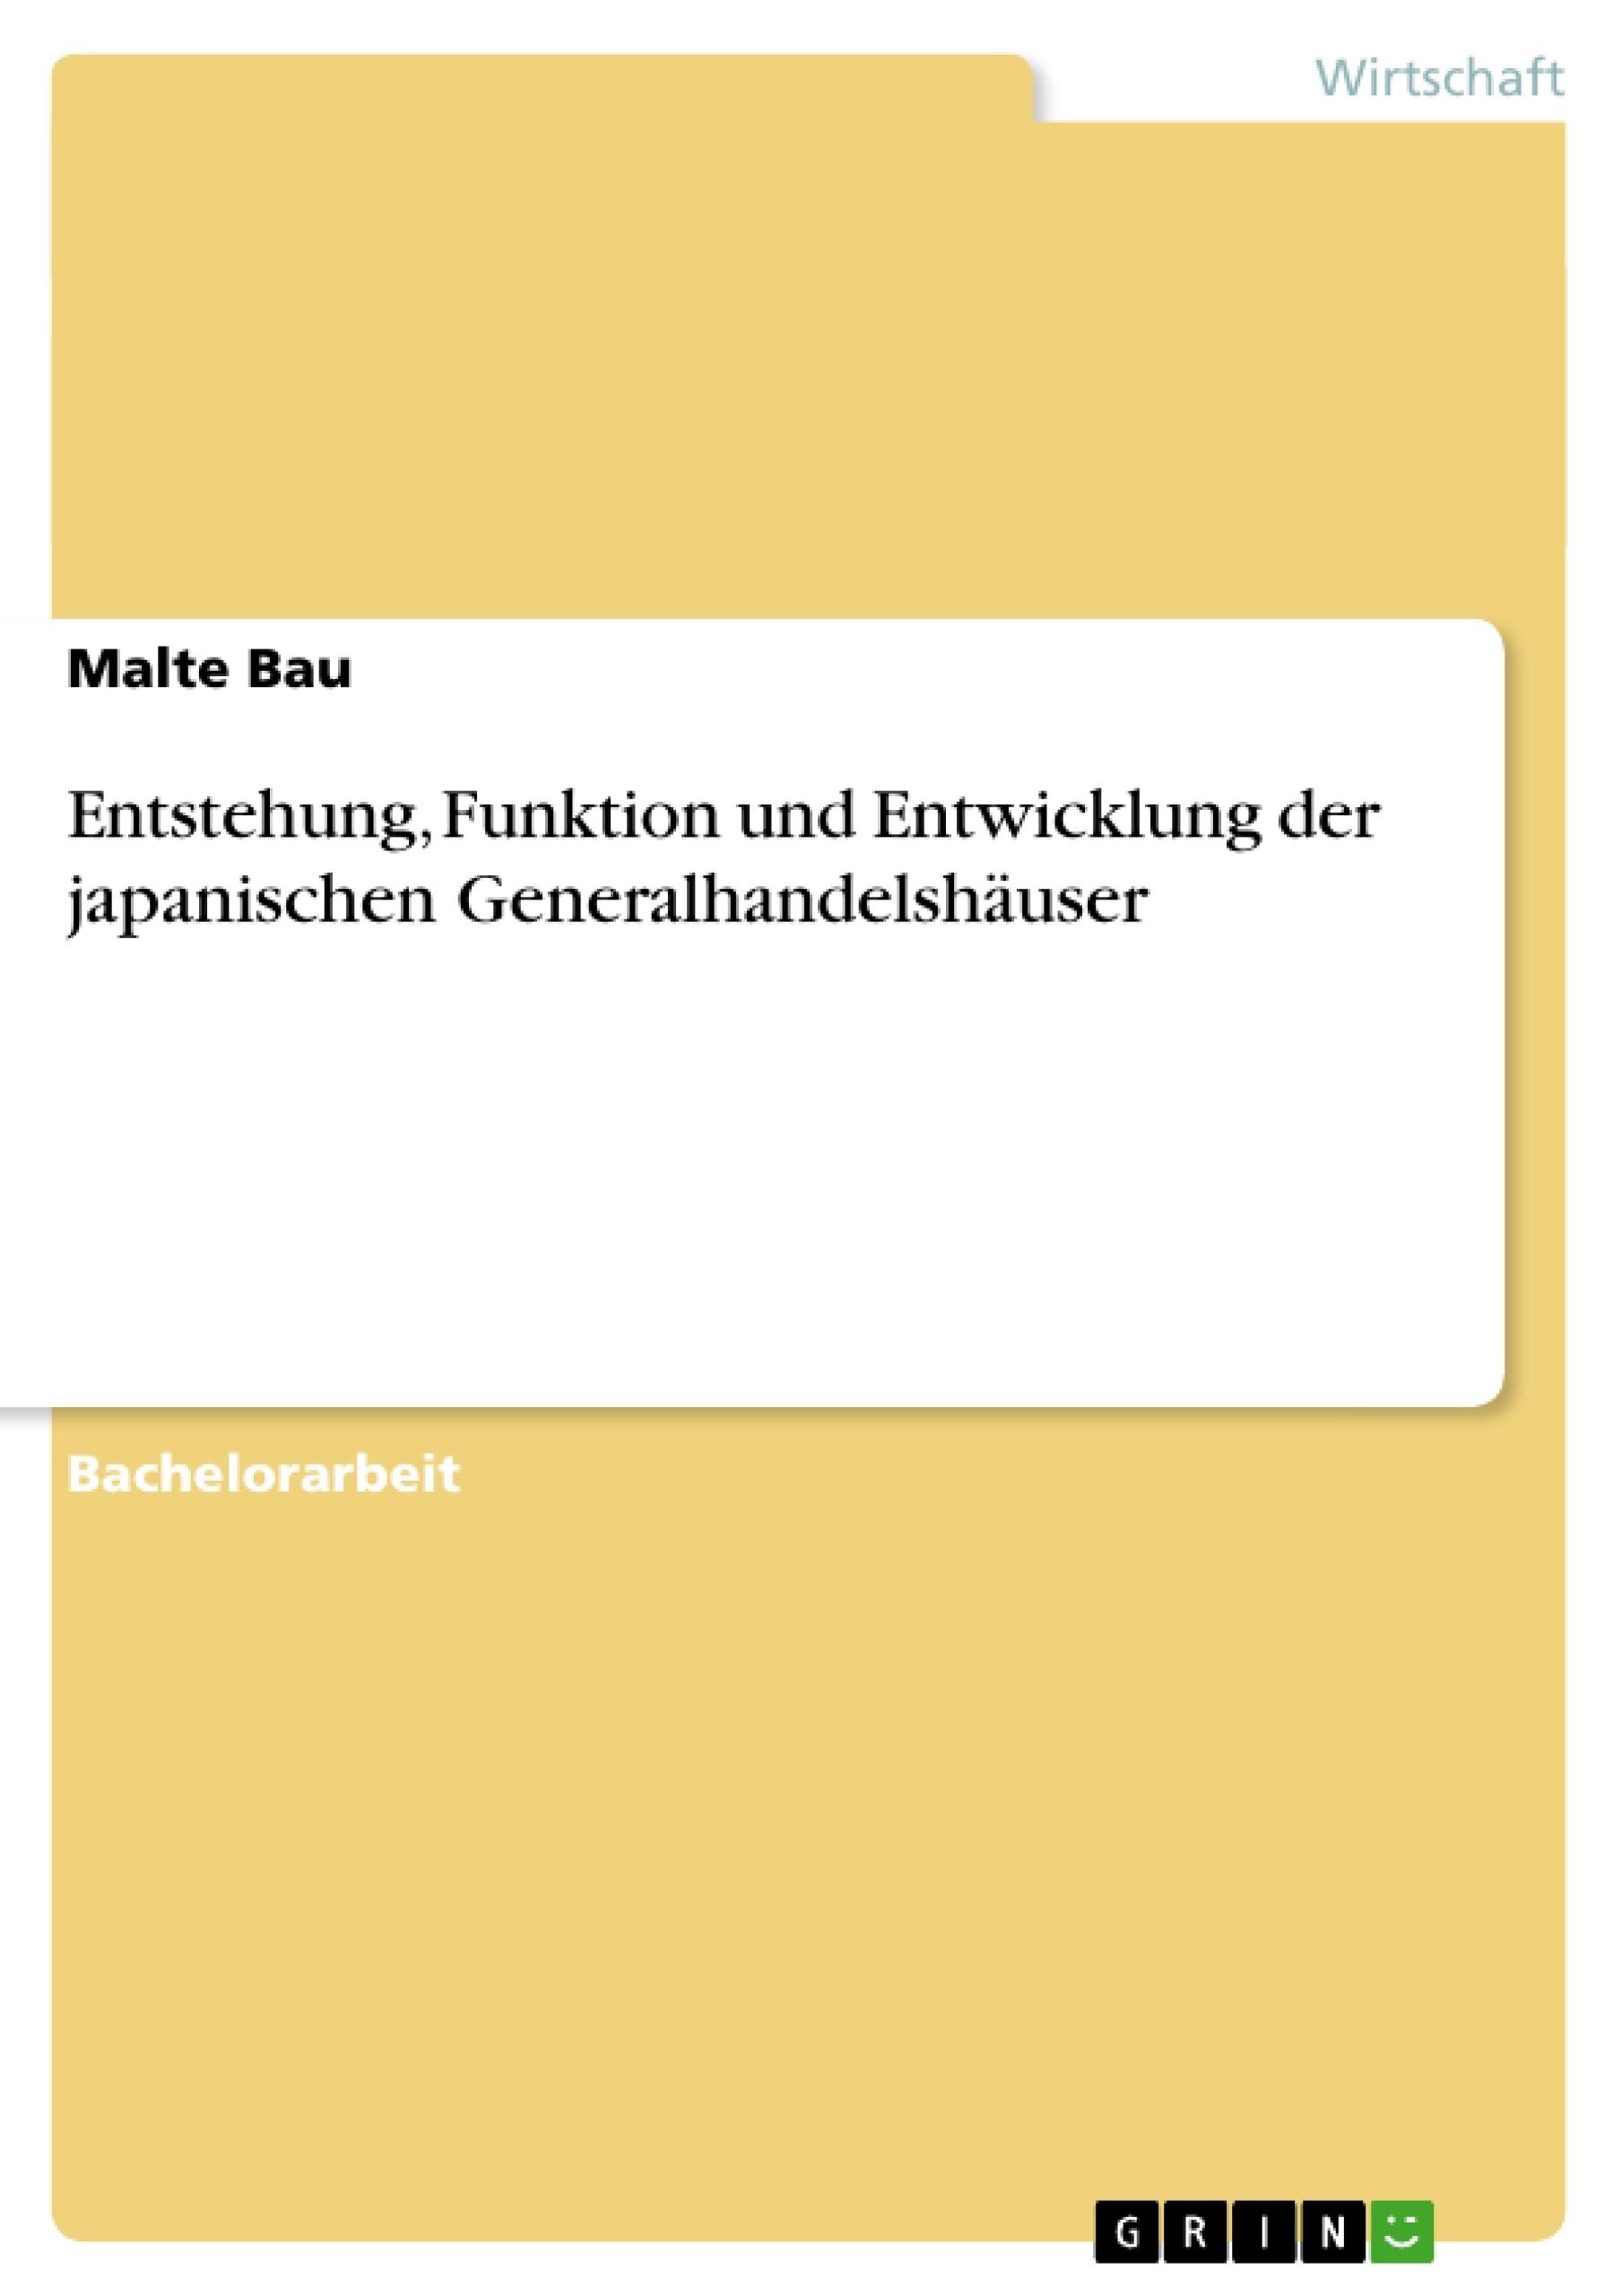 Titel: Entstehung, Funktion und Entwicklung der japanischen Generalhandelshäuser